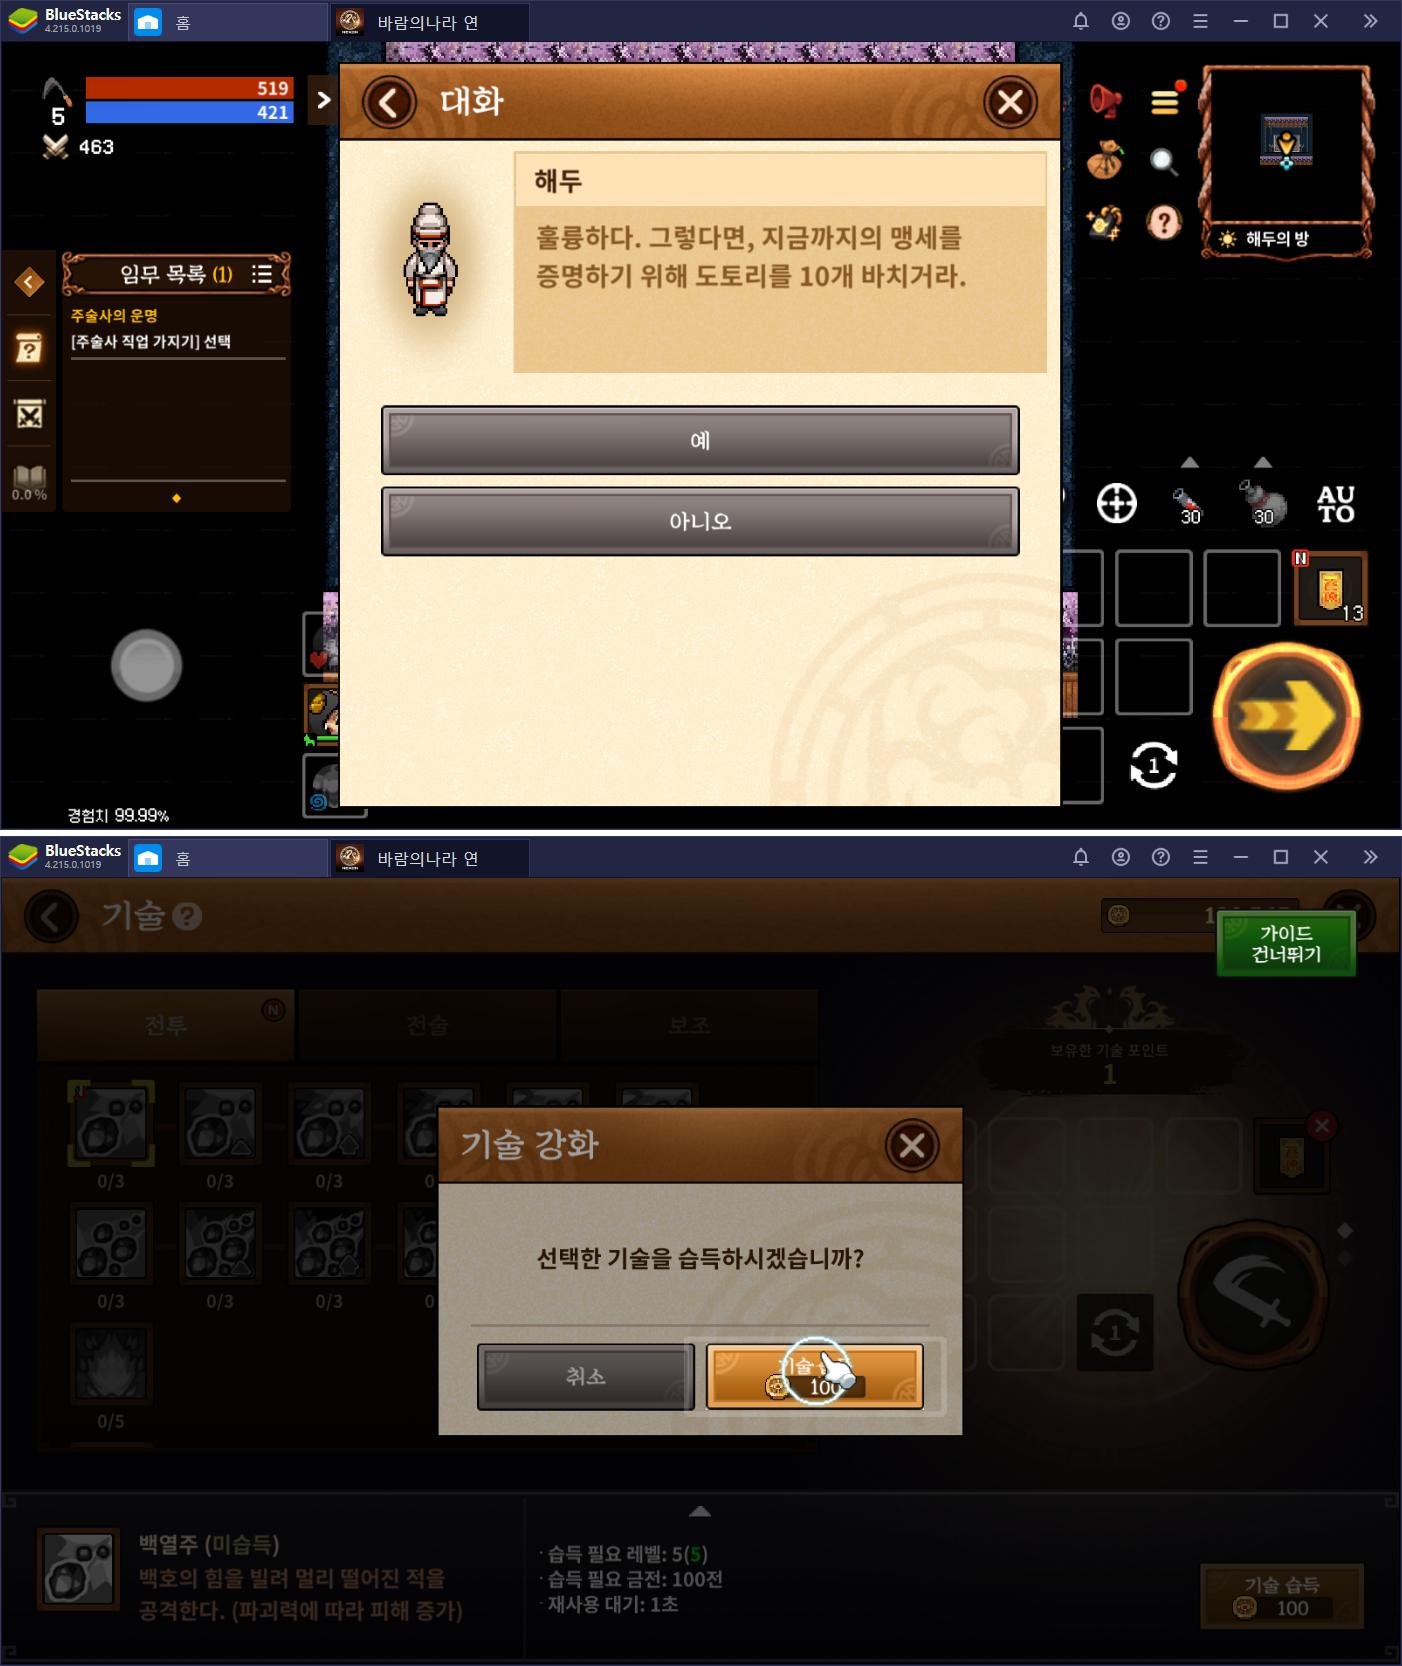 바람의나라: 연 시작부터 편하게 블루스택 앱플레이어로 즐겨요~!